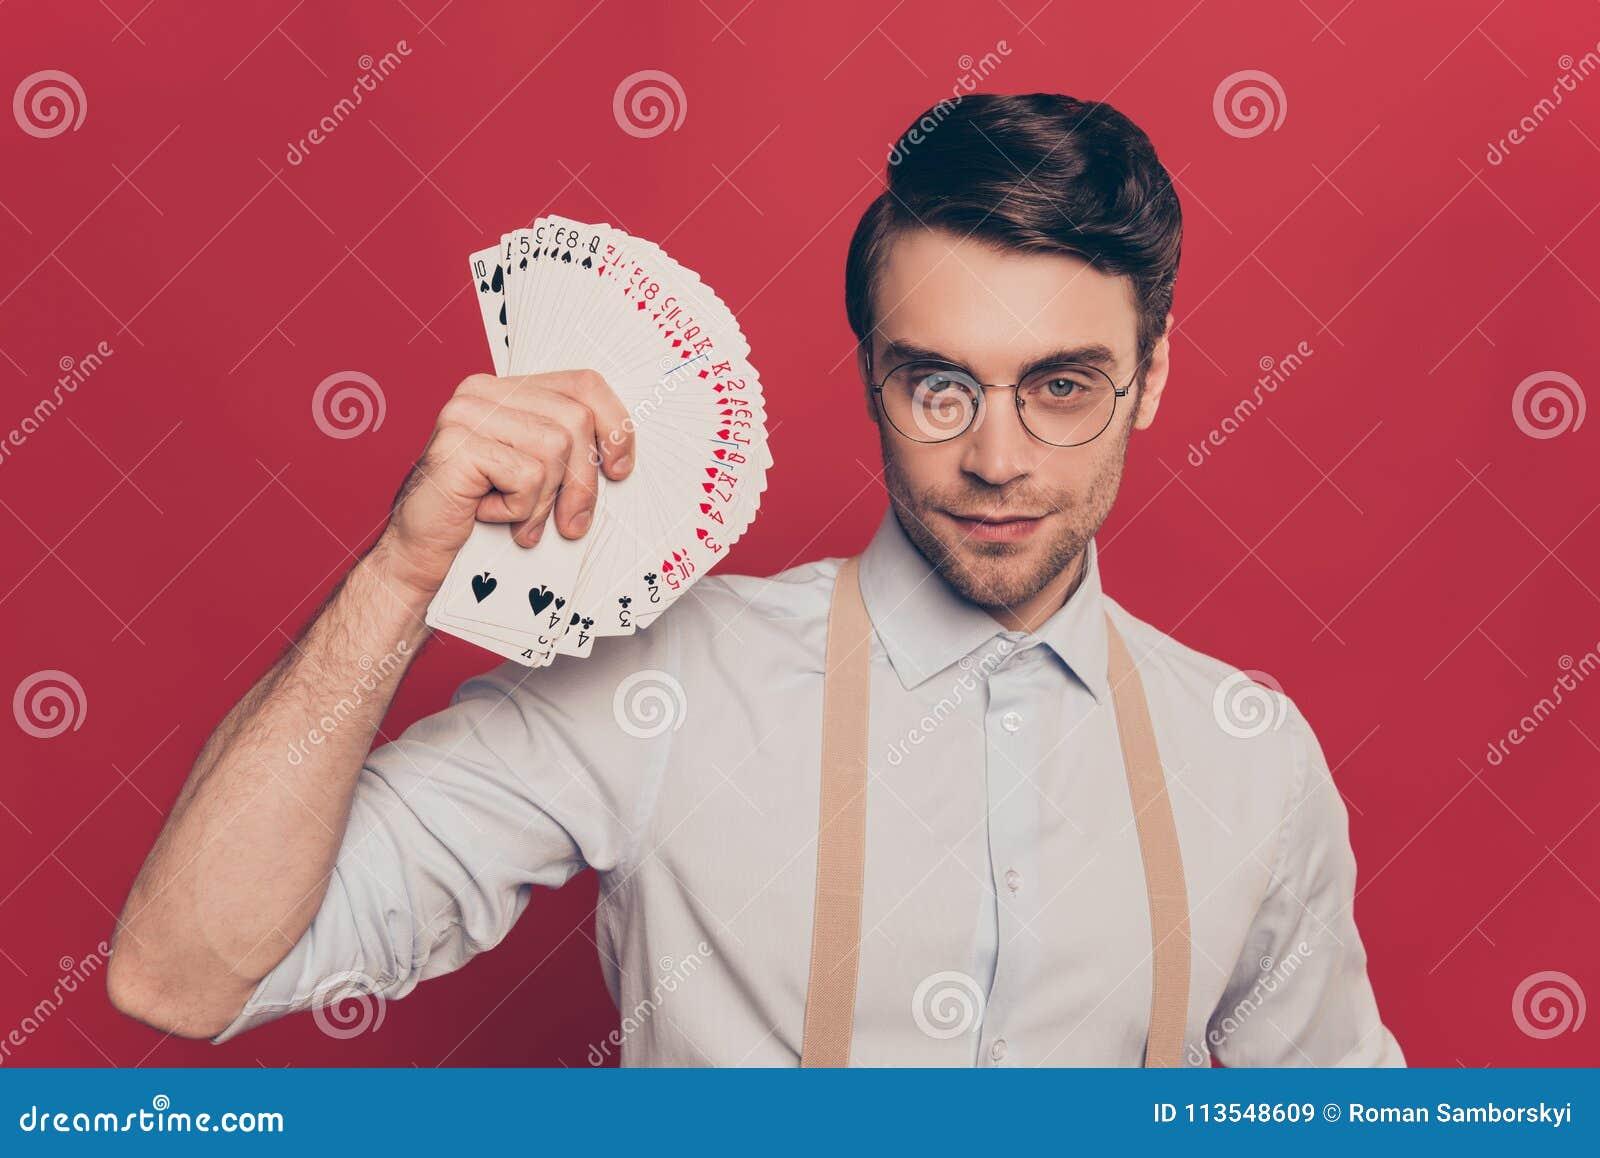 Mago profesional, astuto, ilusionista, jugador en el equipo casual, vidrios, tenencia, cubierta determinada de la demostración de